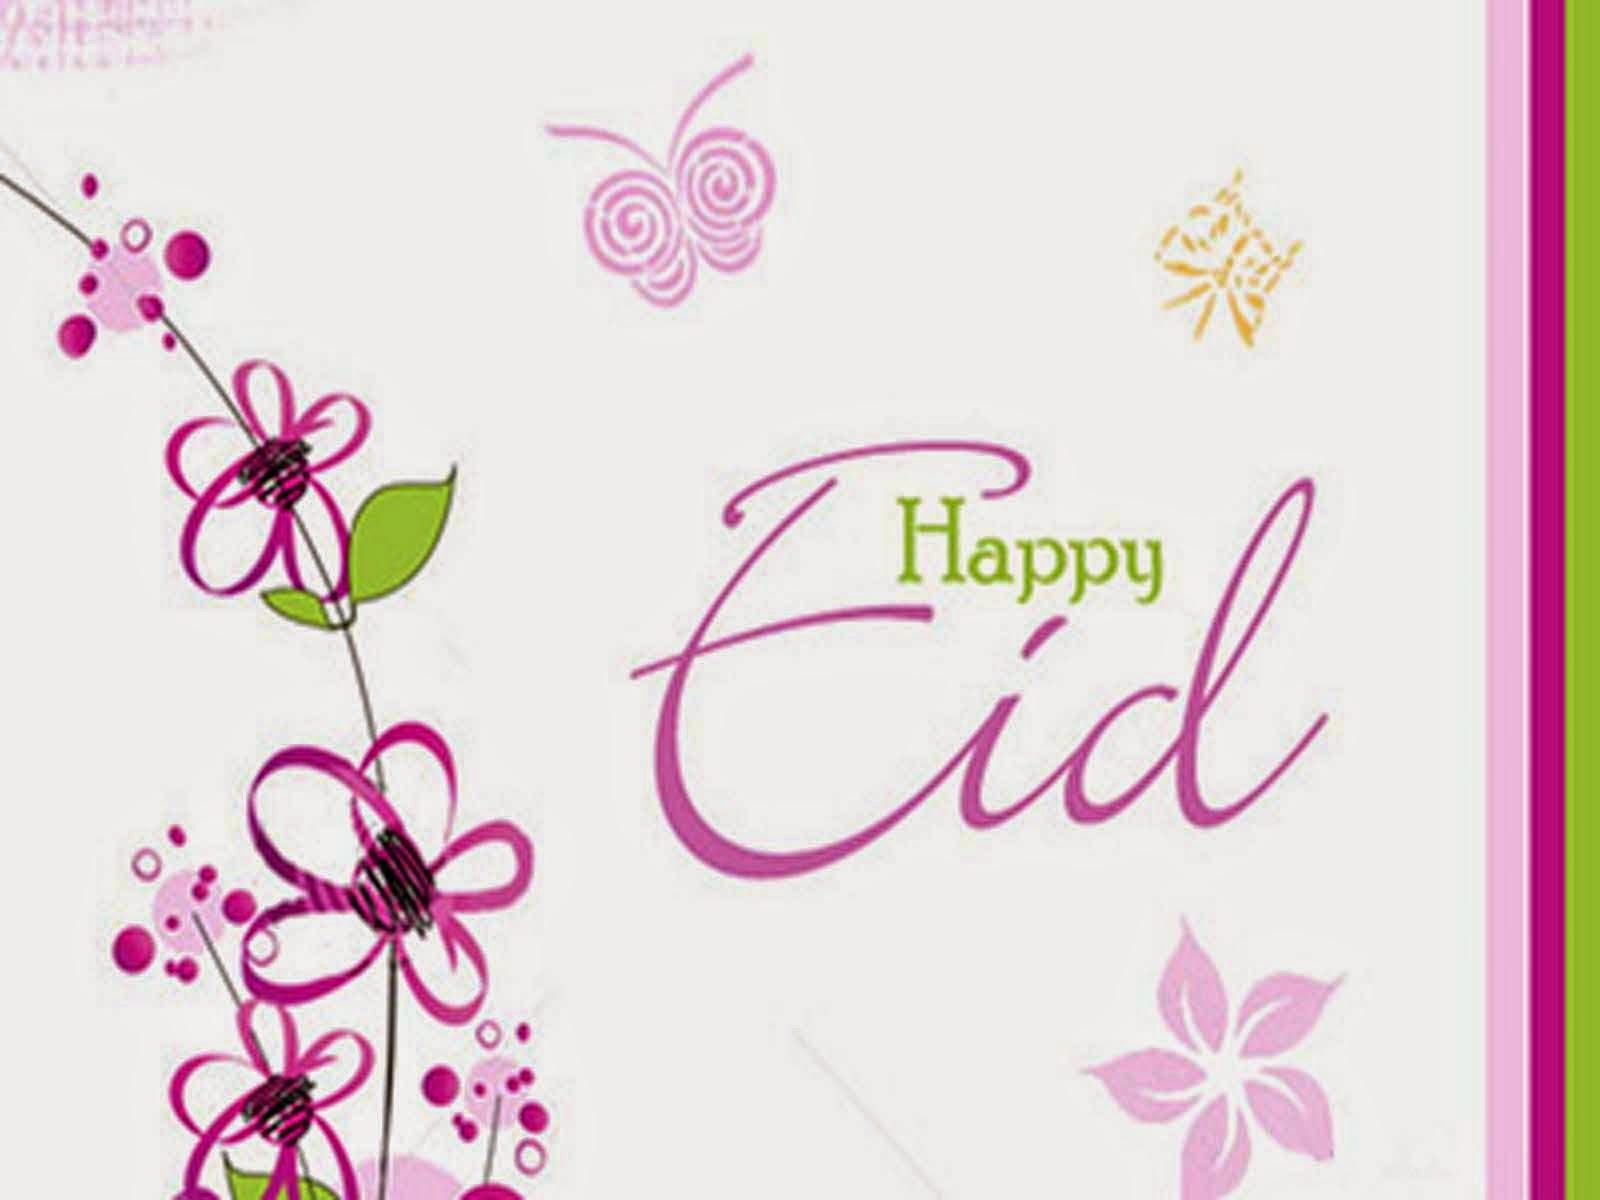 Happy Eid 2014 Sms Happy Eid Wallpaper Eid Ul Fitar 2014 Sms